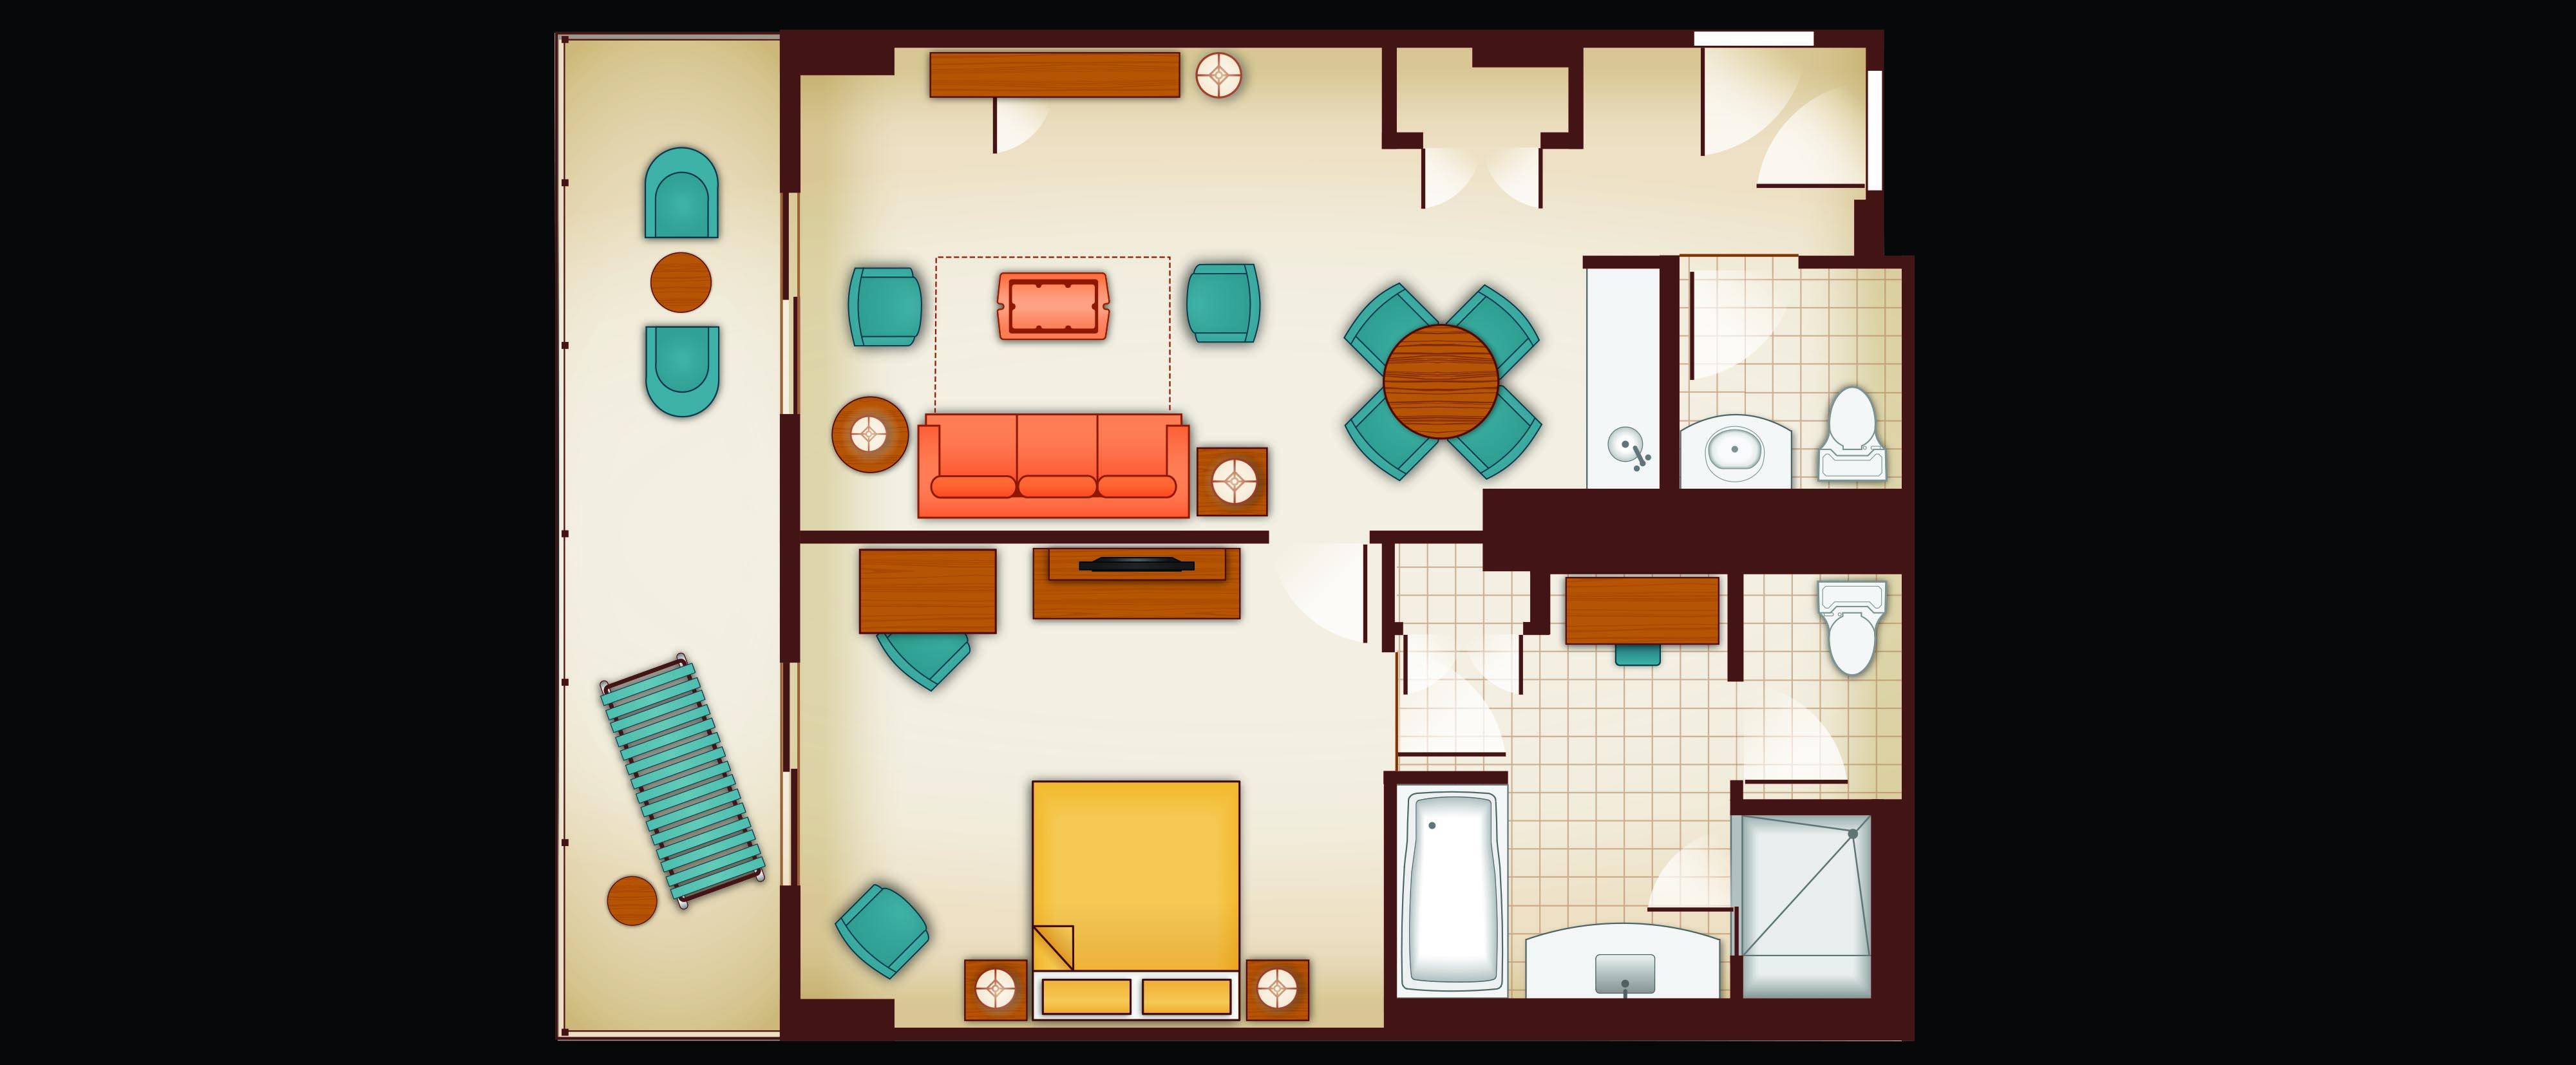 1 ベッドルーム・パーラーのスイートのフロアプラン